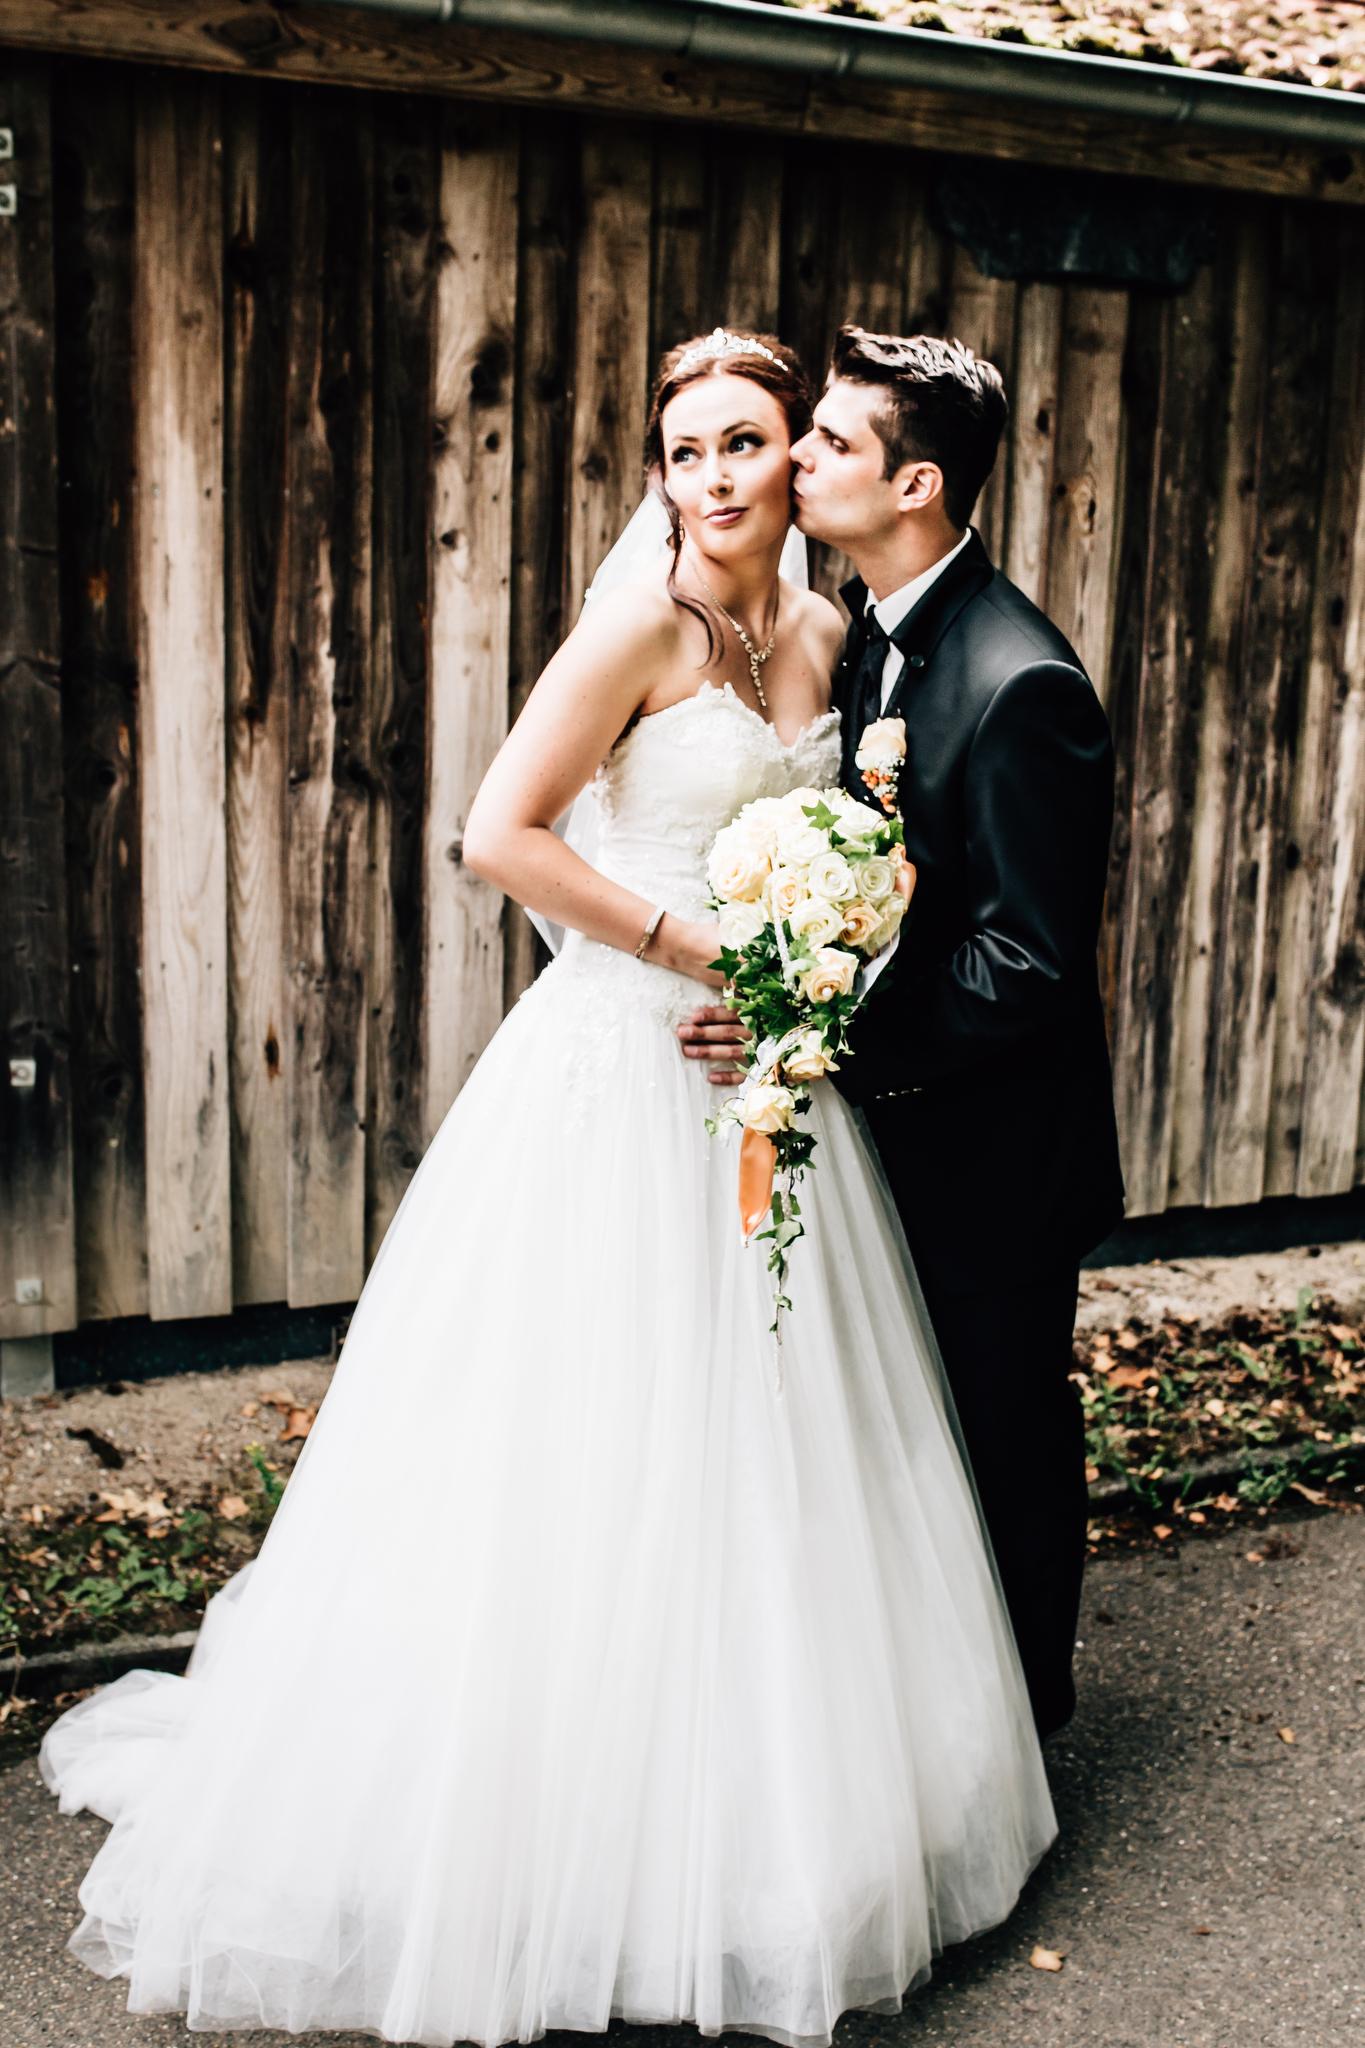 Claudia Krawinkel Fotografie Hochzeitsfotografie Hochzeit Blumenhalle im Brückenkopfpark Jülich Essen Düsseldorf Bochum Dortmund Mönchengladbach NRW Ruhrgebiet 68